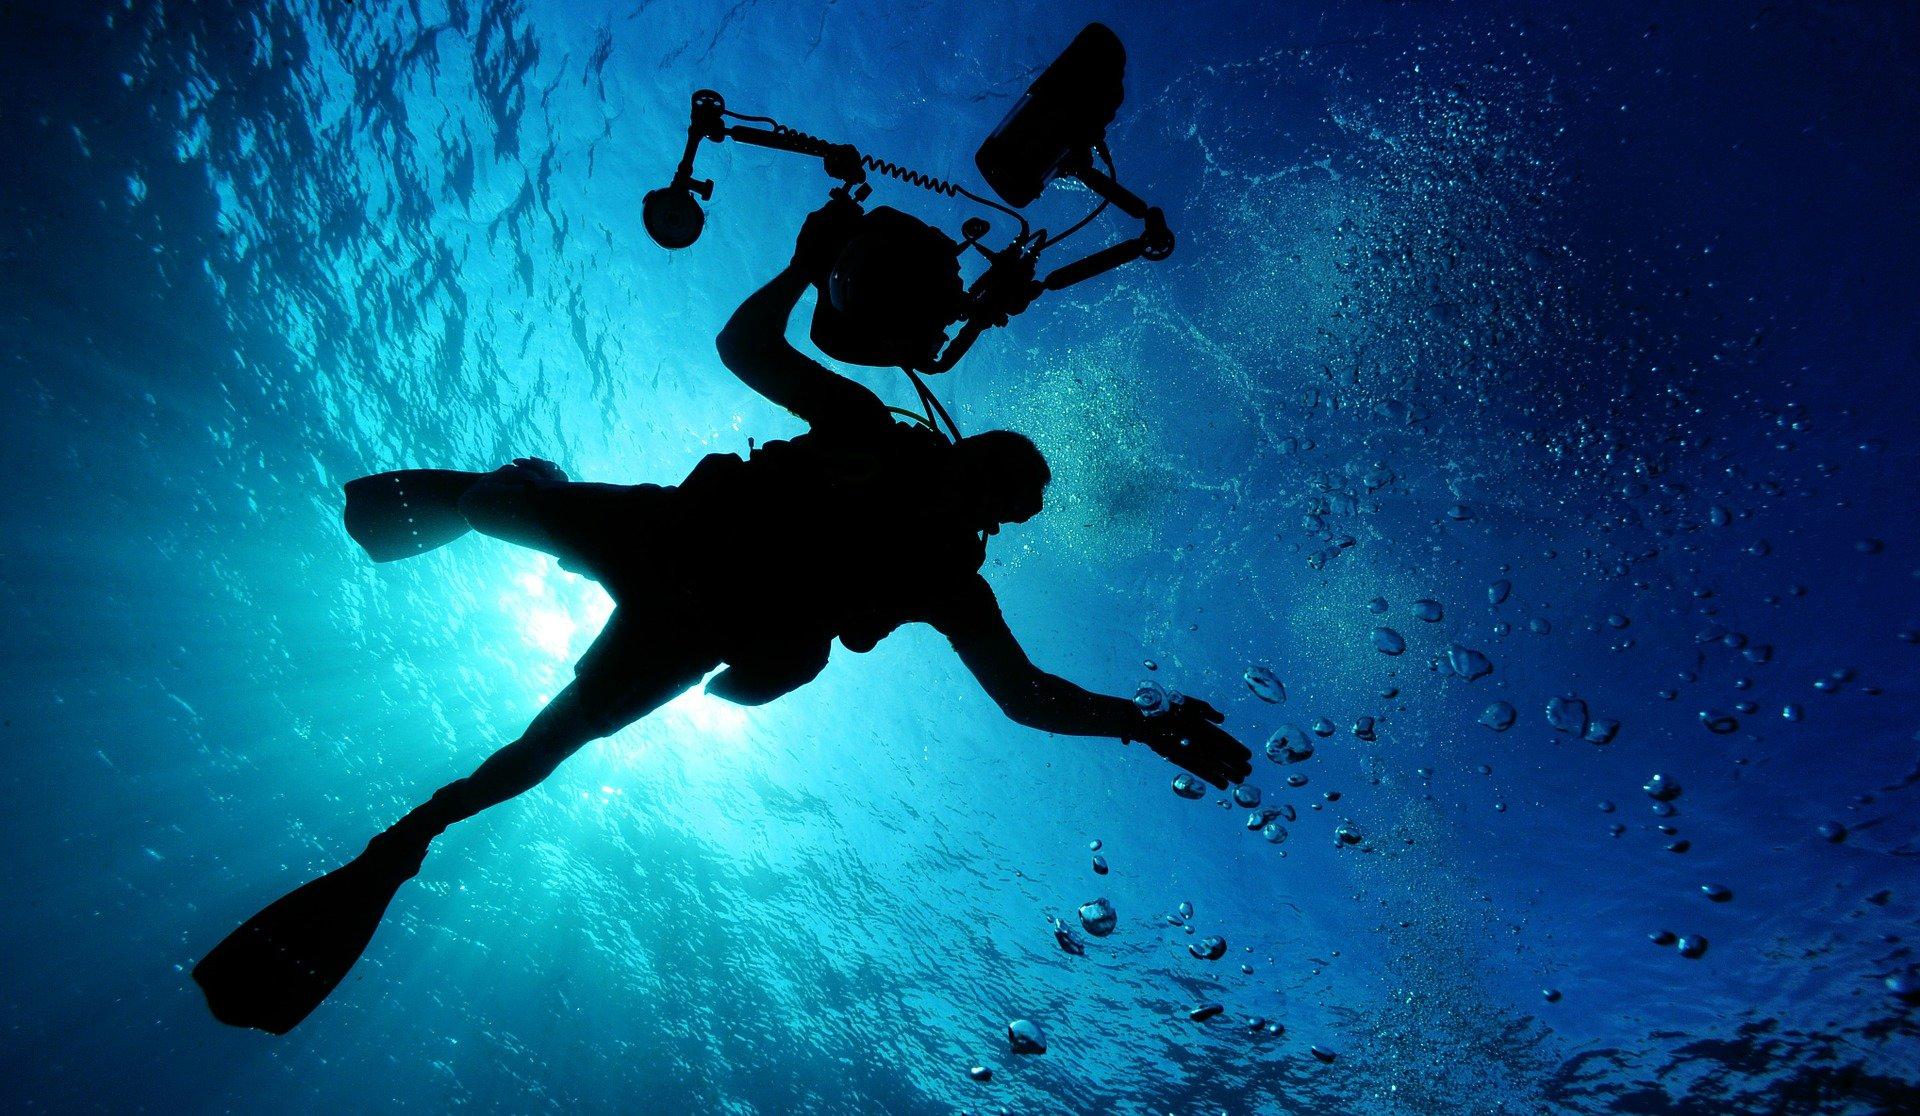 dykker i blåt ocean